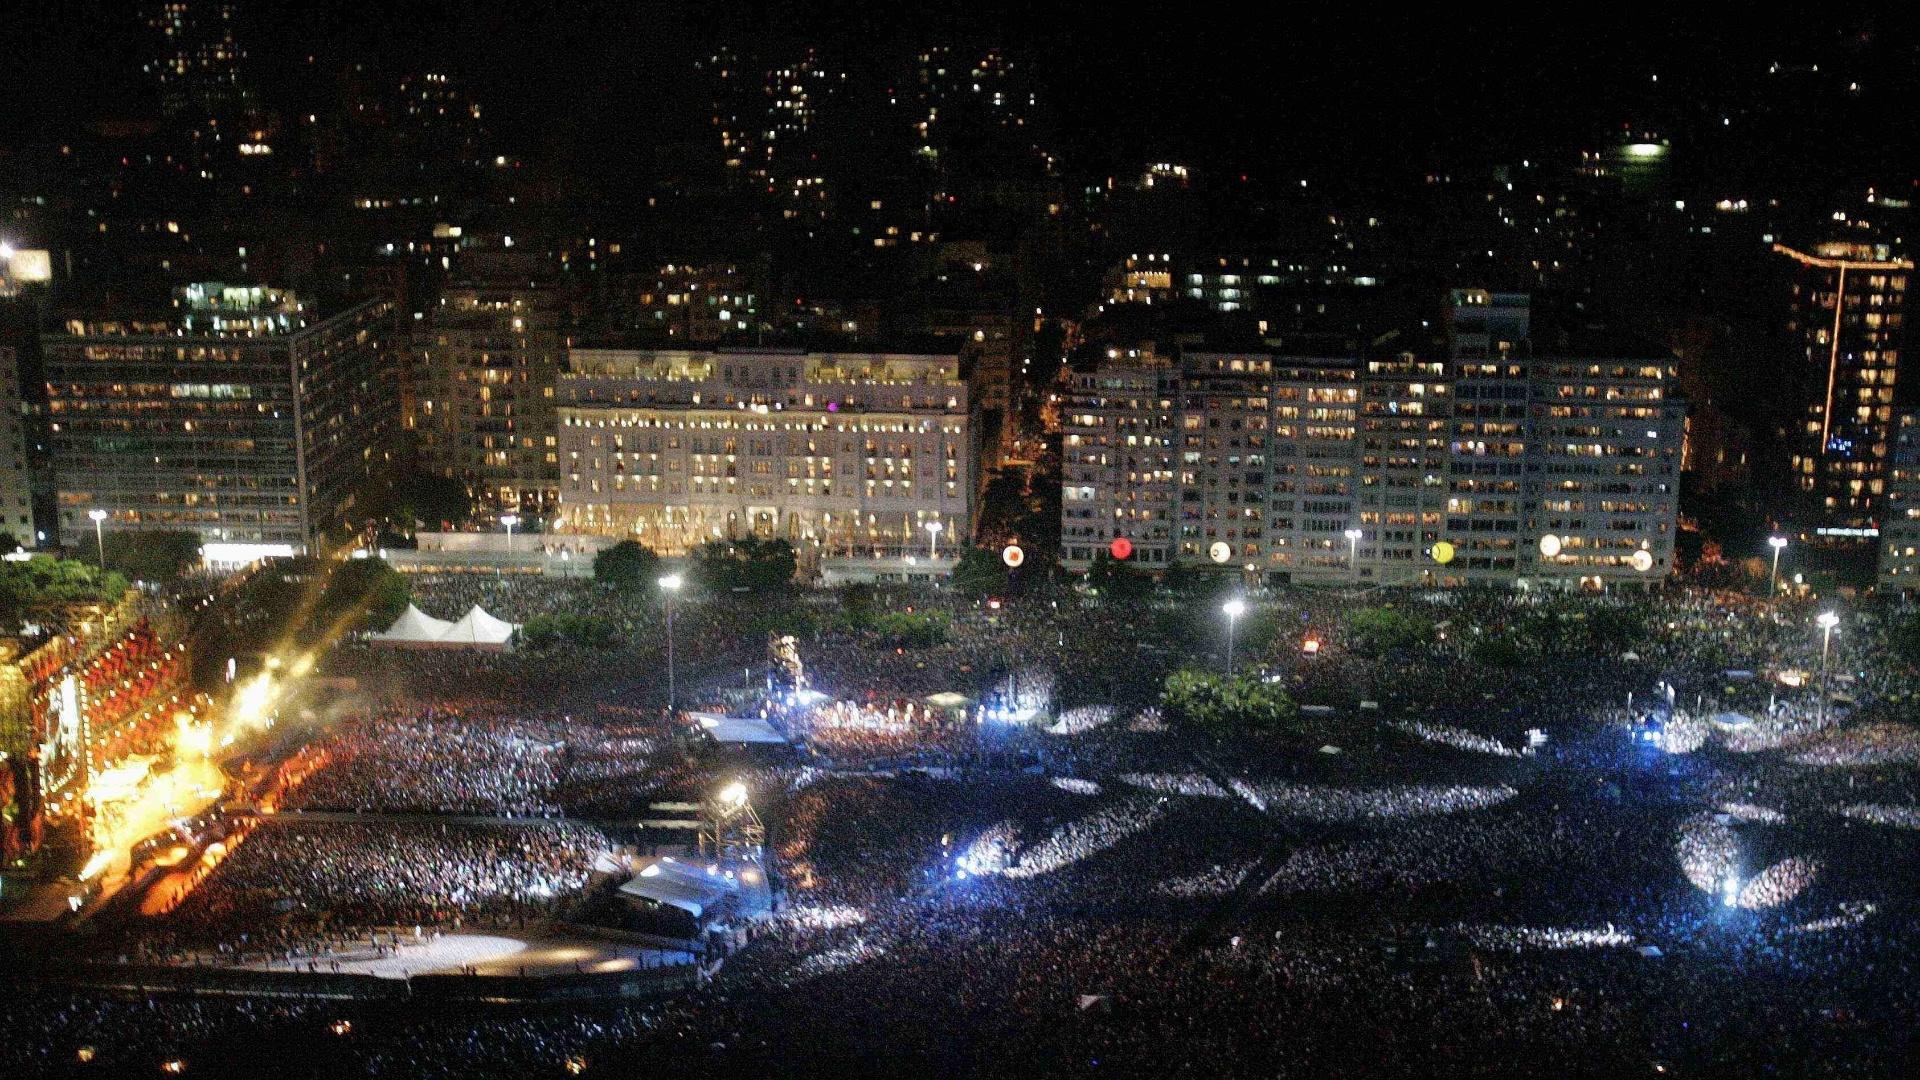 18.fev.2006 - Foto aérea do público do show gratuito dos Rolling Stones em Copacabana, que reuniu 1,2 milhão de pessoas